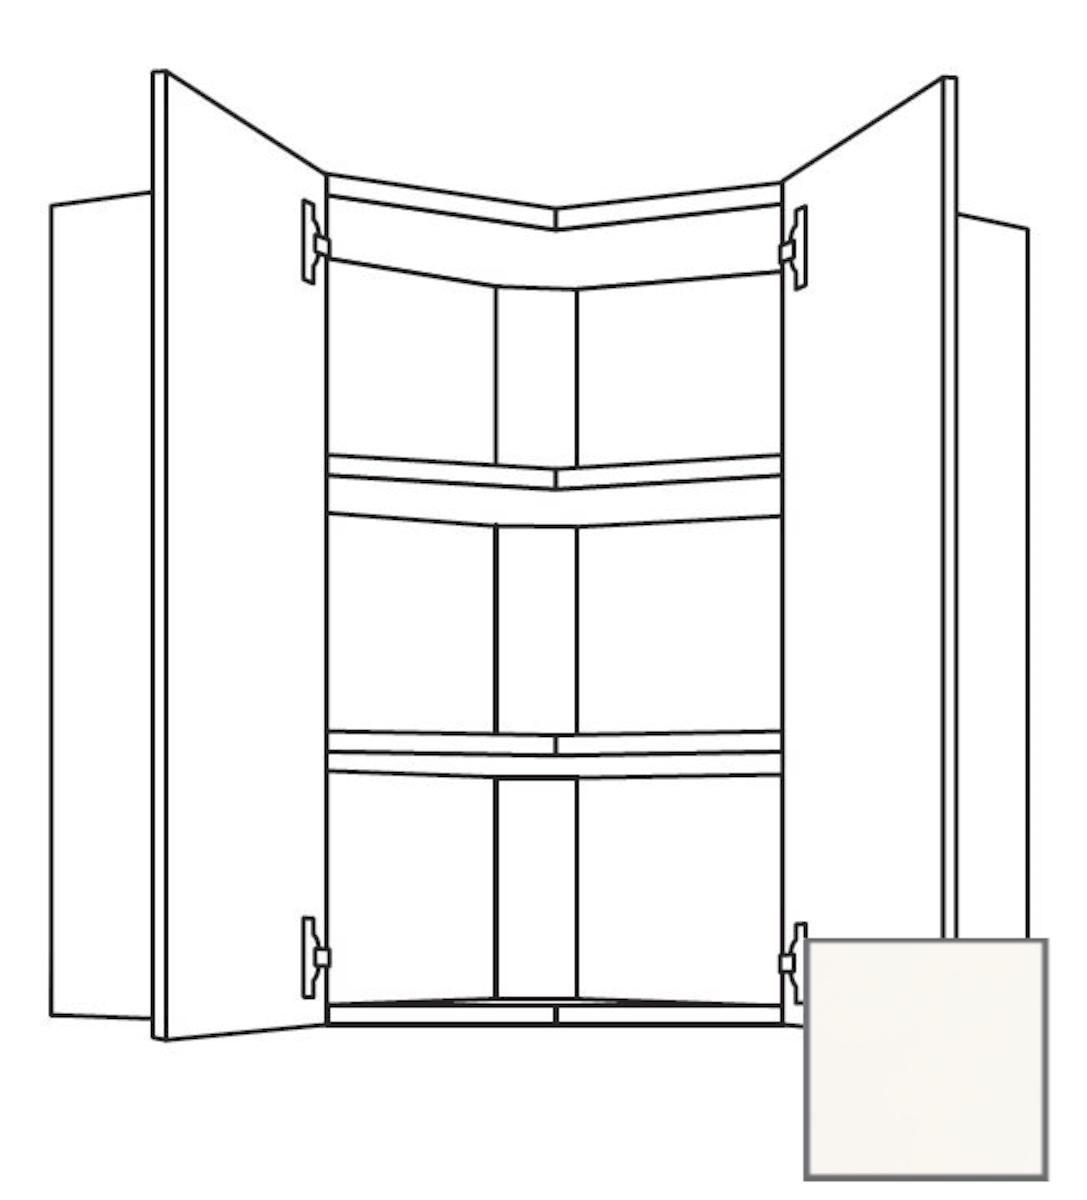 Kuchynská skrinka horní Naturel Erika24 rohová 65x72x35 cm bílá lesk 450.WE651L